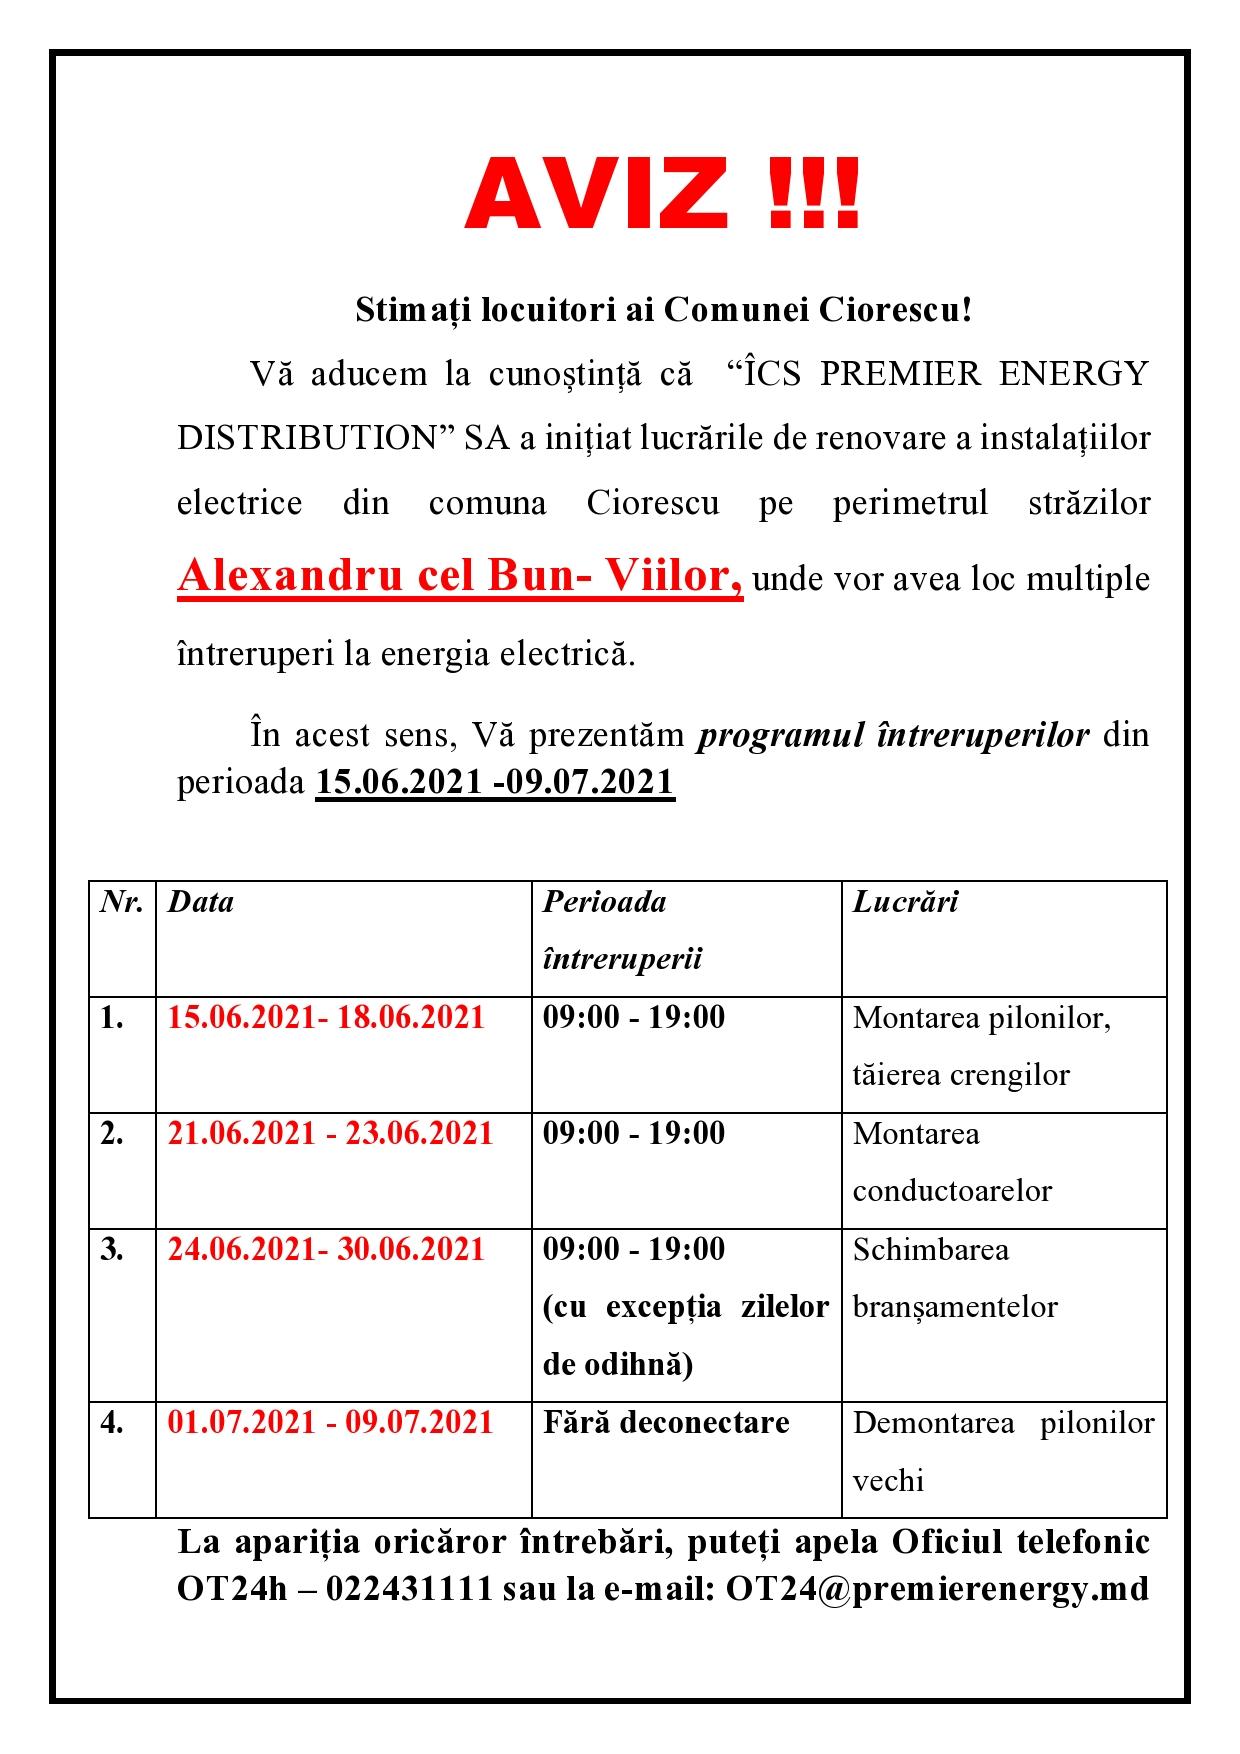 Inițierea lucrărilor de renovare a instalațiilor electrice din comuna Ciorescu